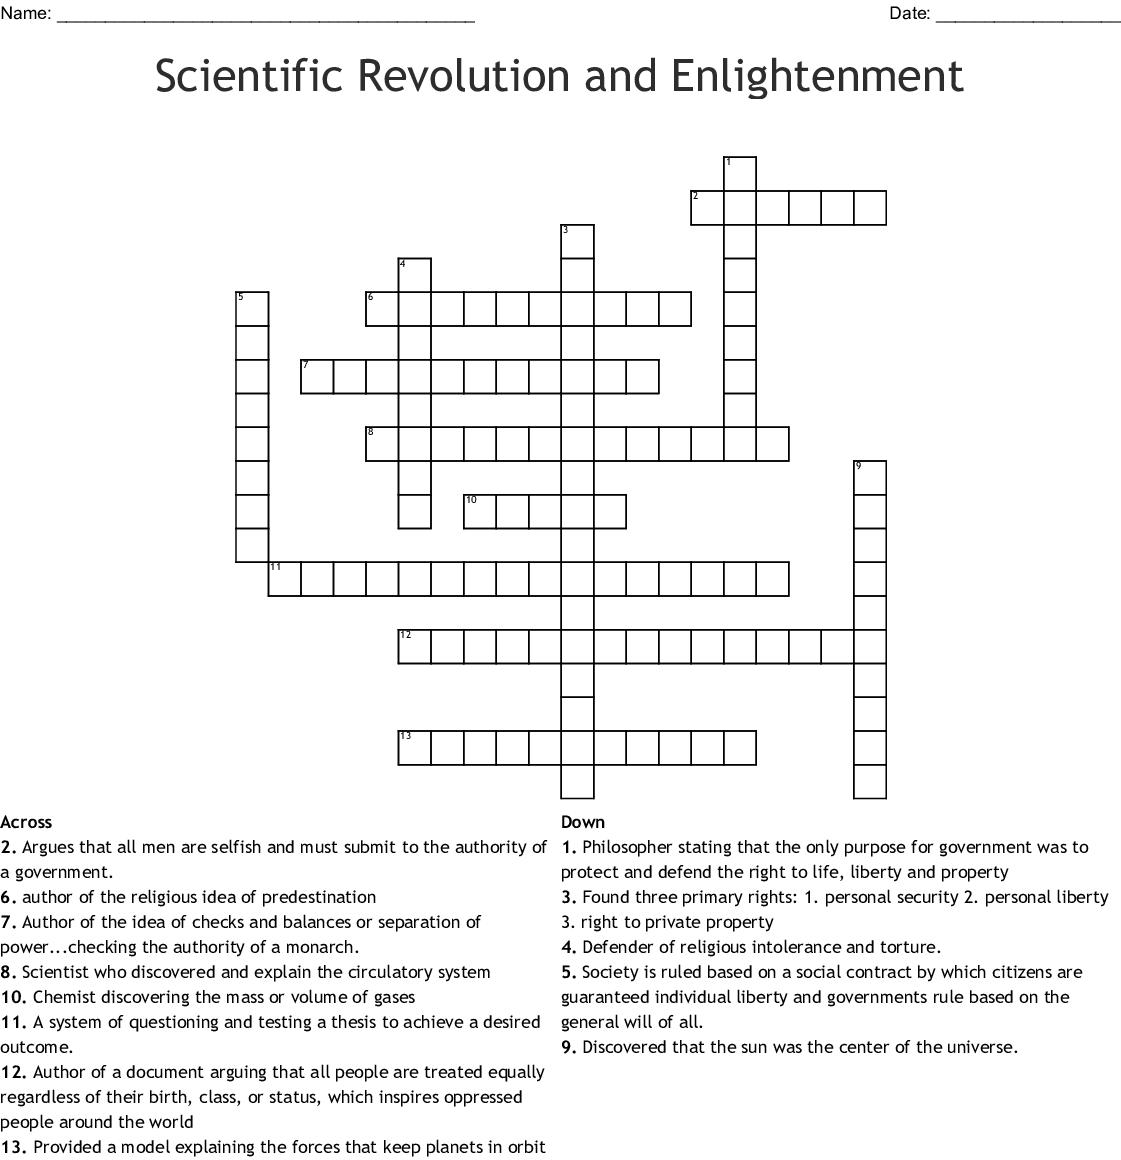 Scientific Revolution And Enlightenment Crossword